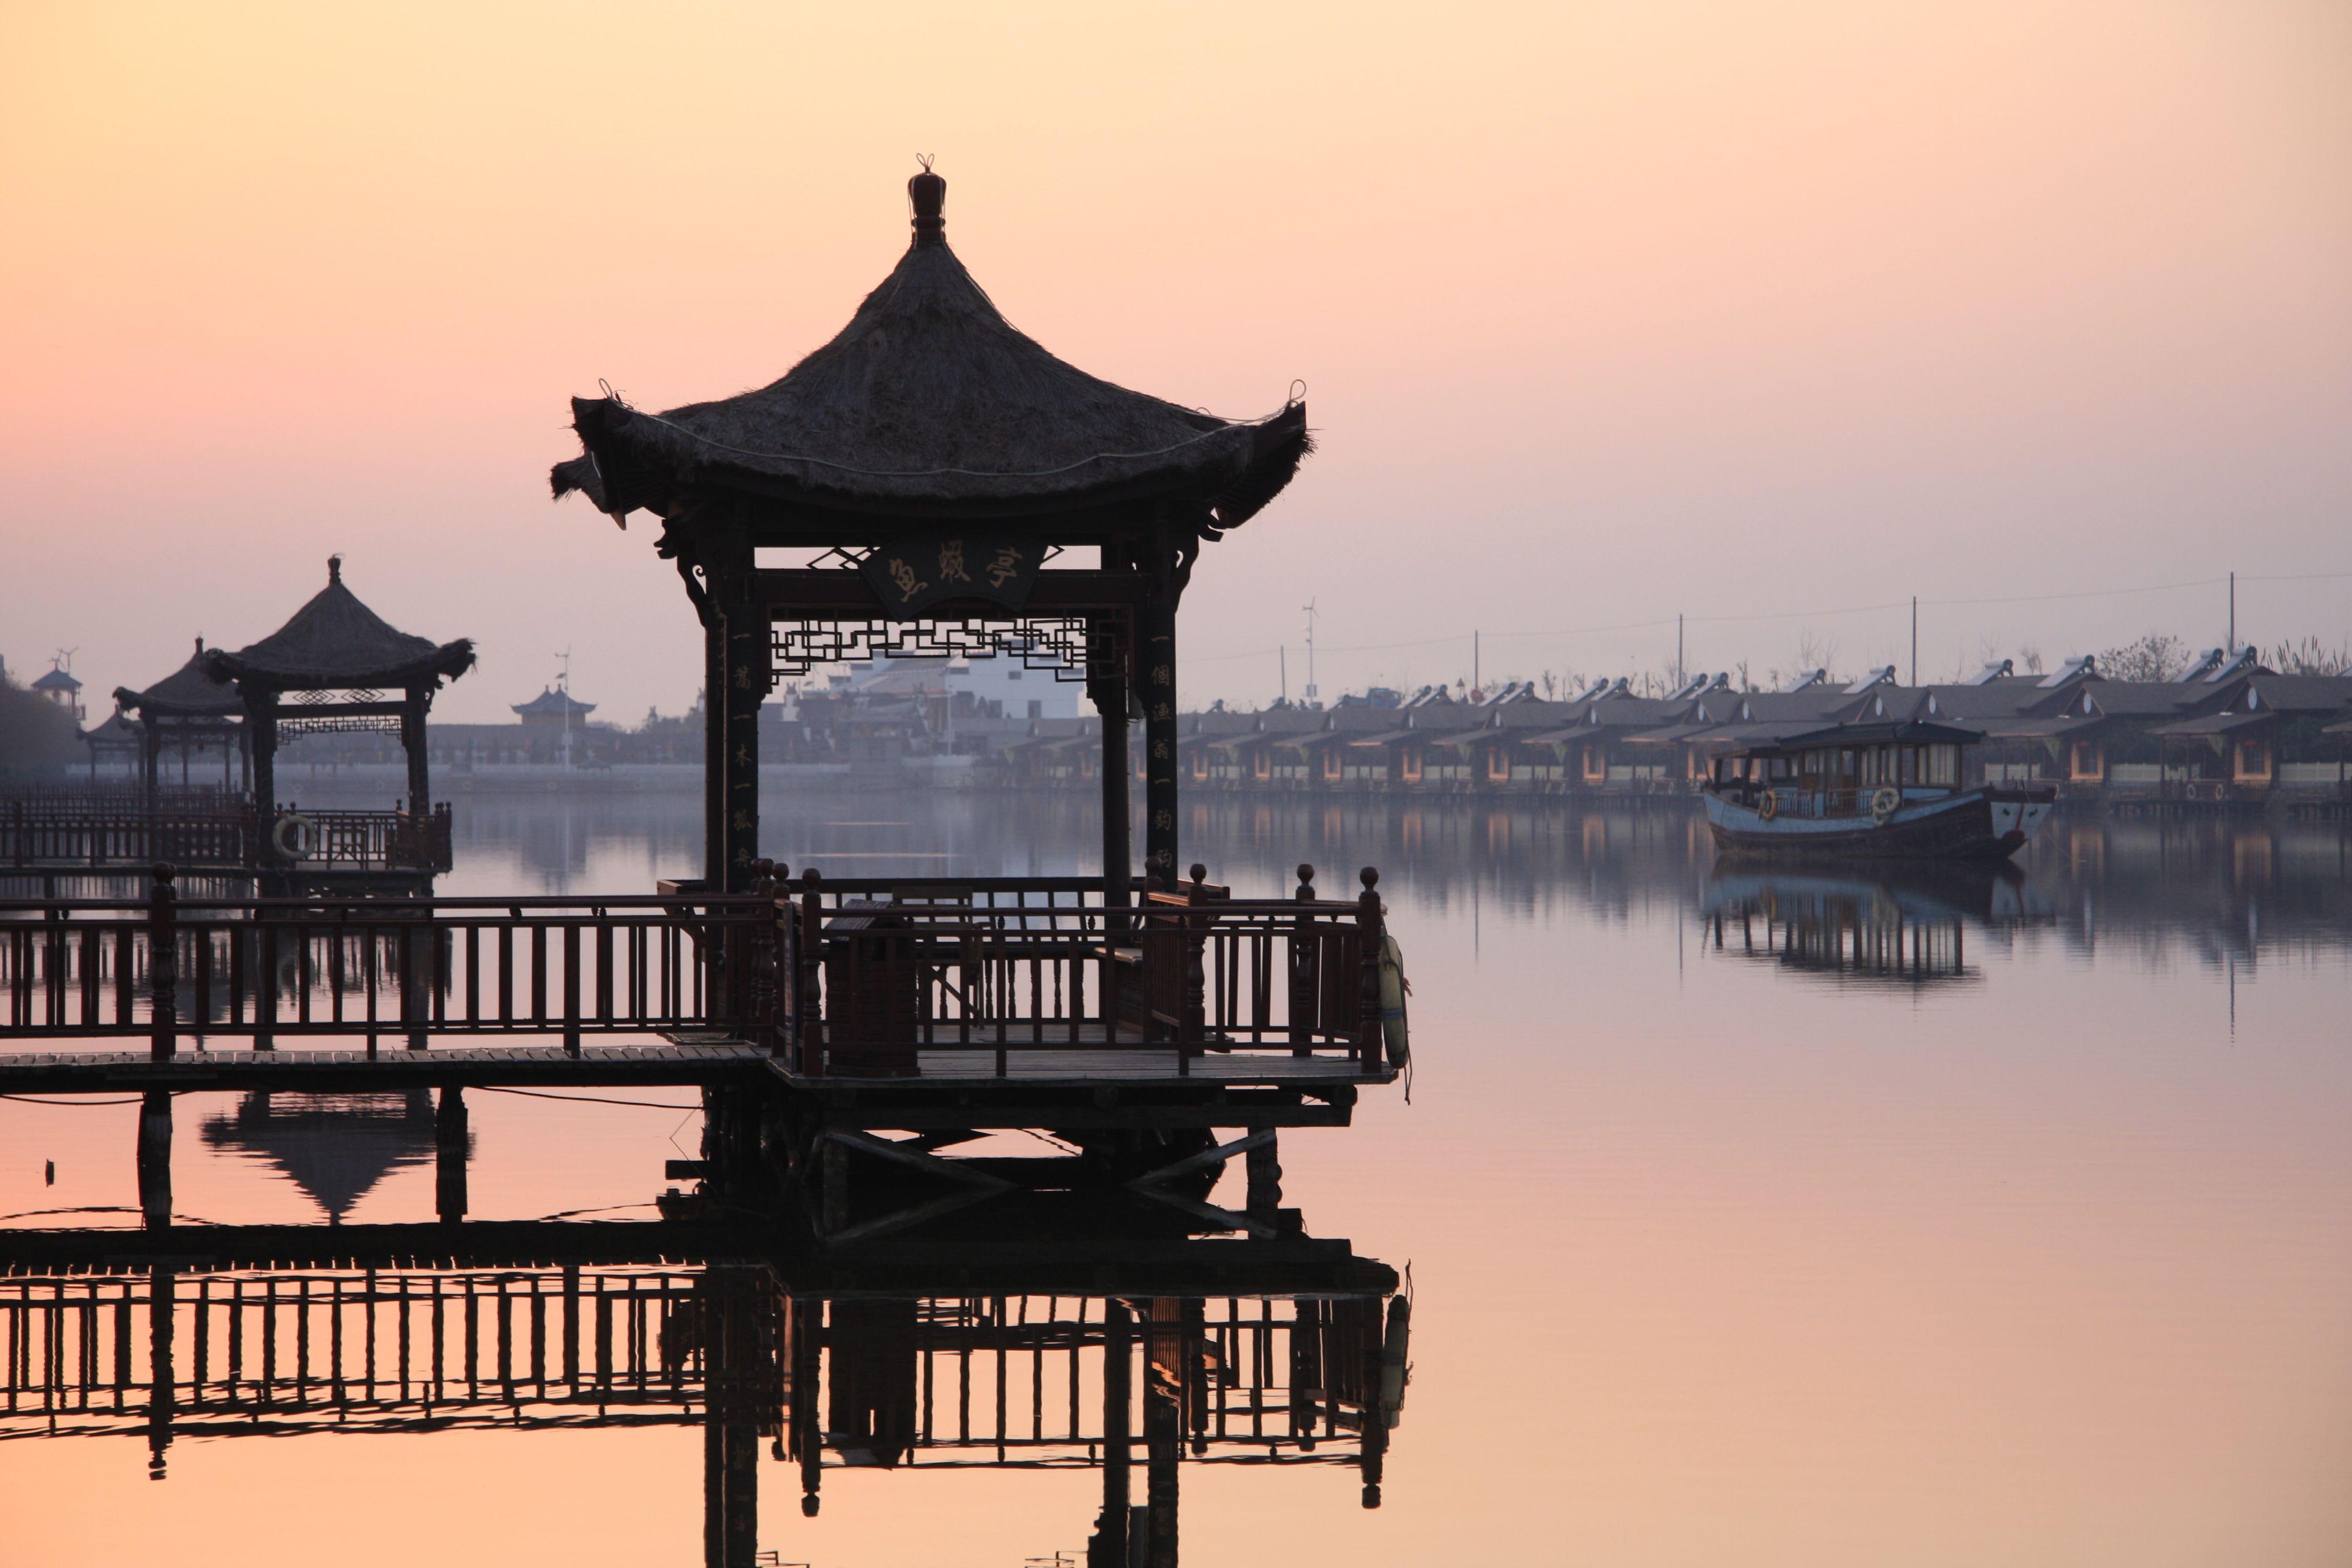 Cixi zhejiang